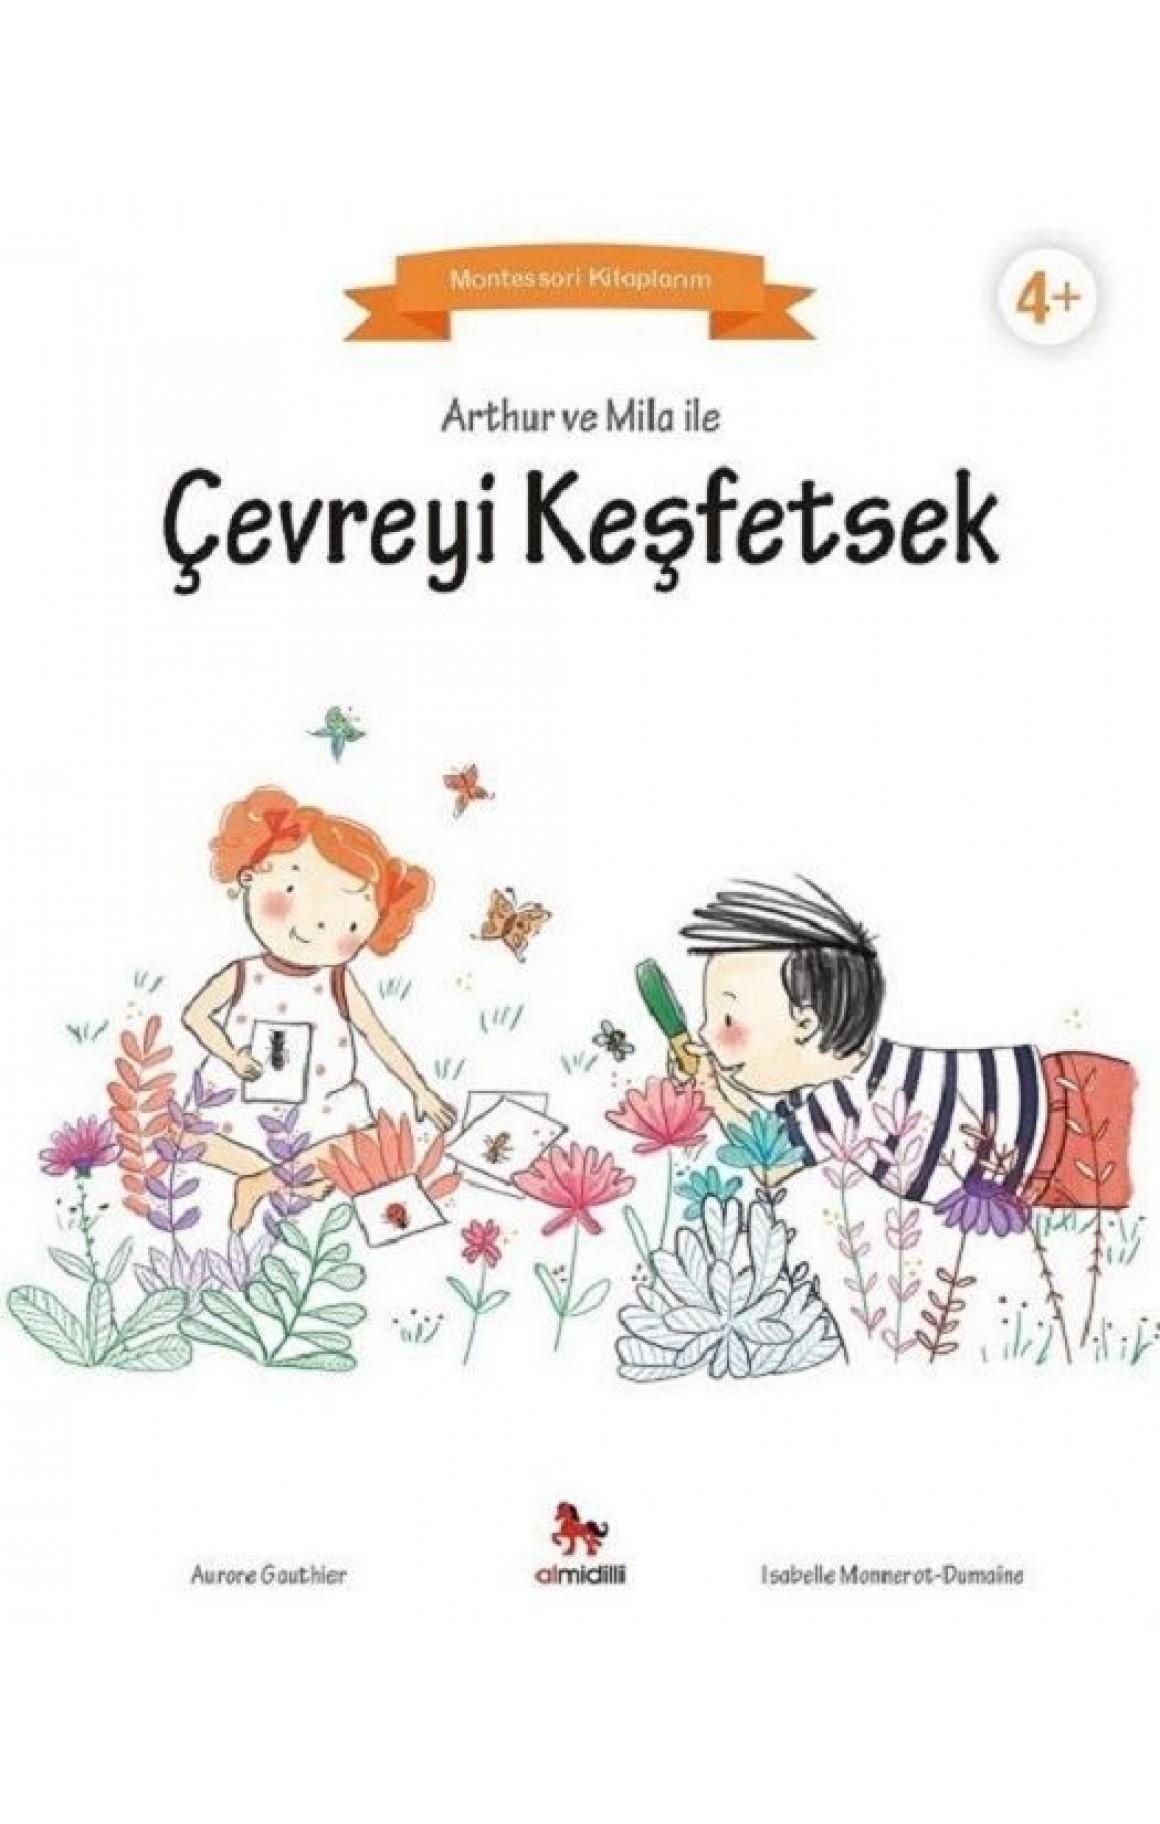 Arthur ve Mila ile Çevreyi Keşfetsek-Montessori Kitaplarım